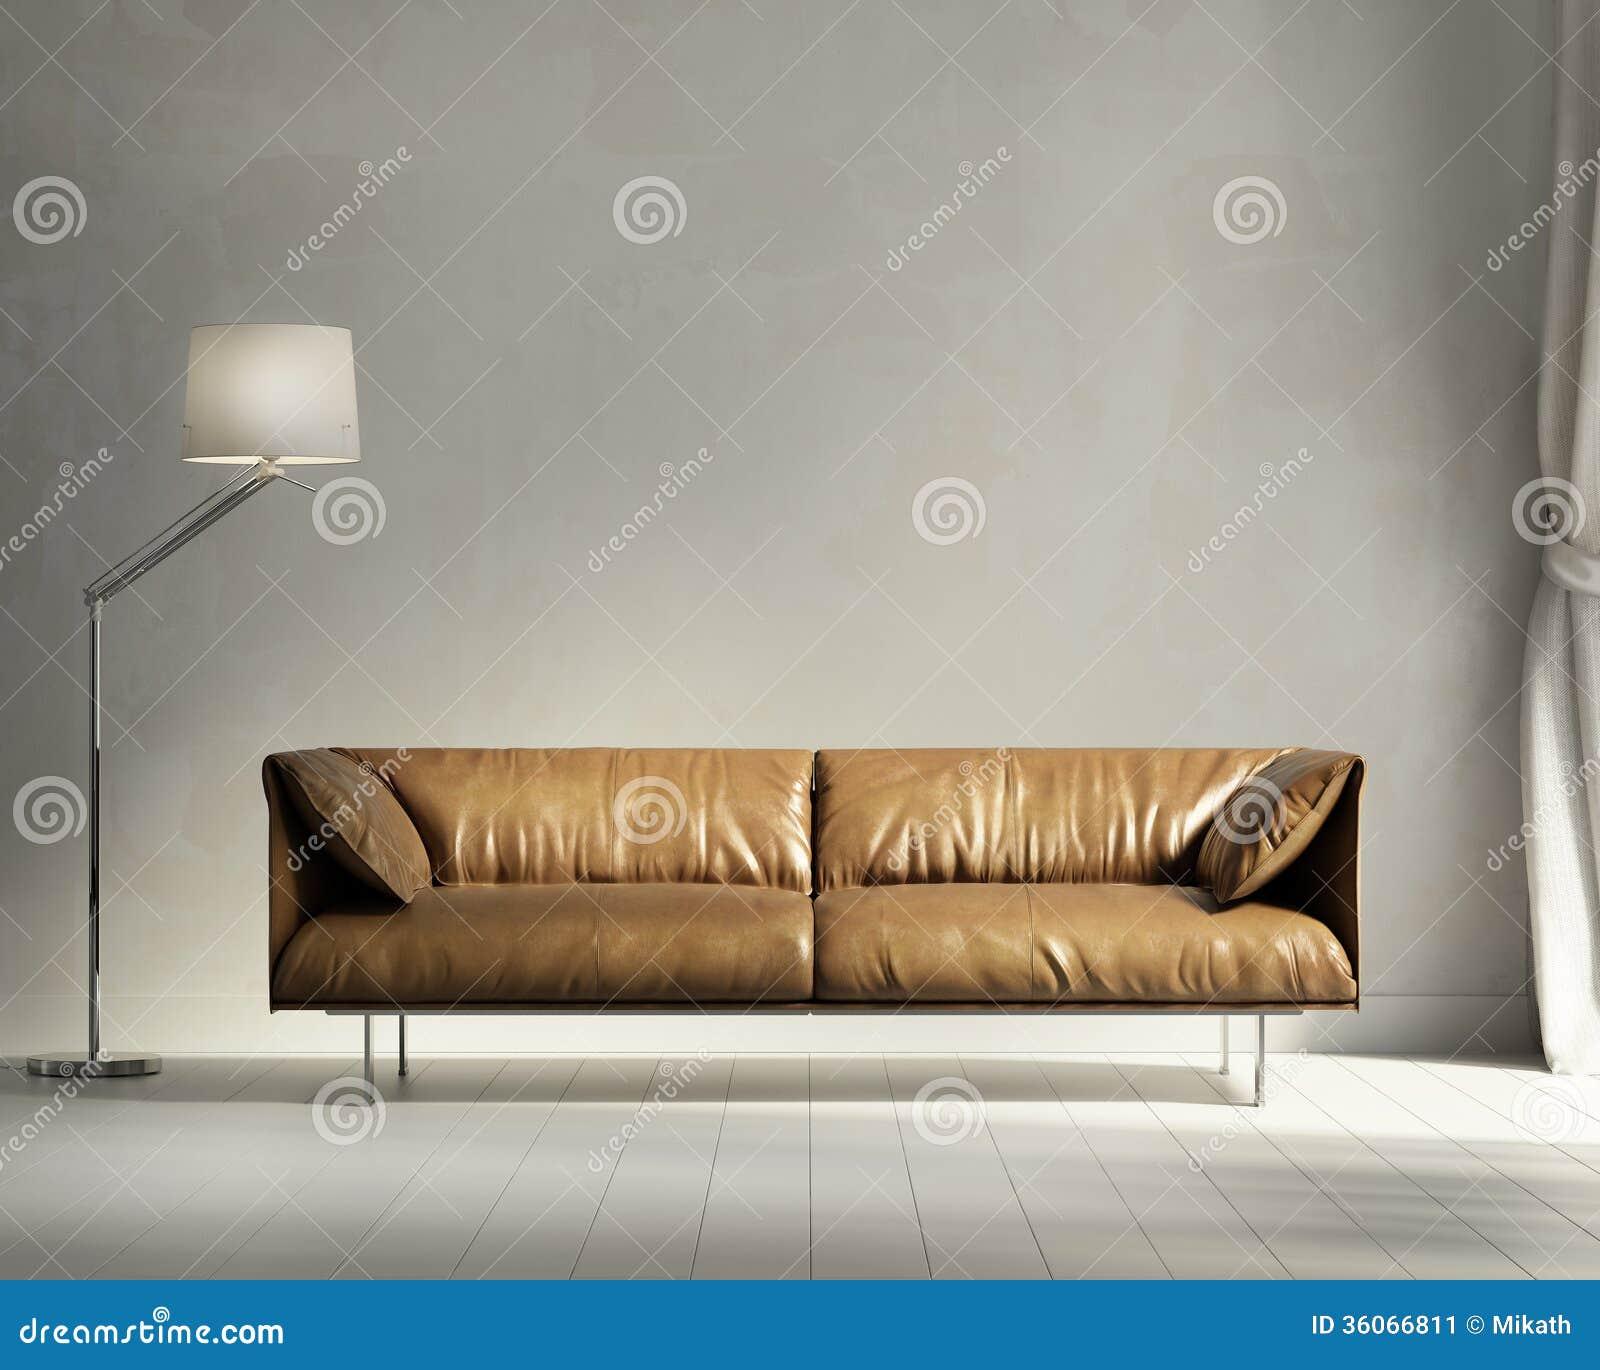 aarredamento provenzale interior design : Salone Di Interior Design Di Stile Della Provenza Immagine Stock ...